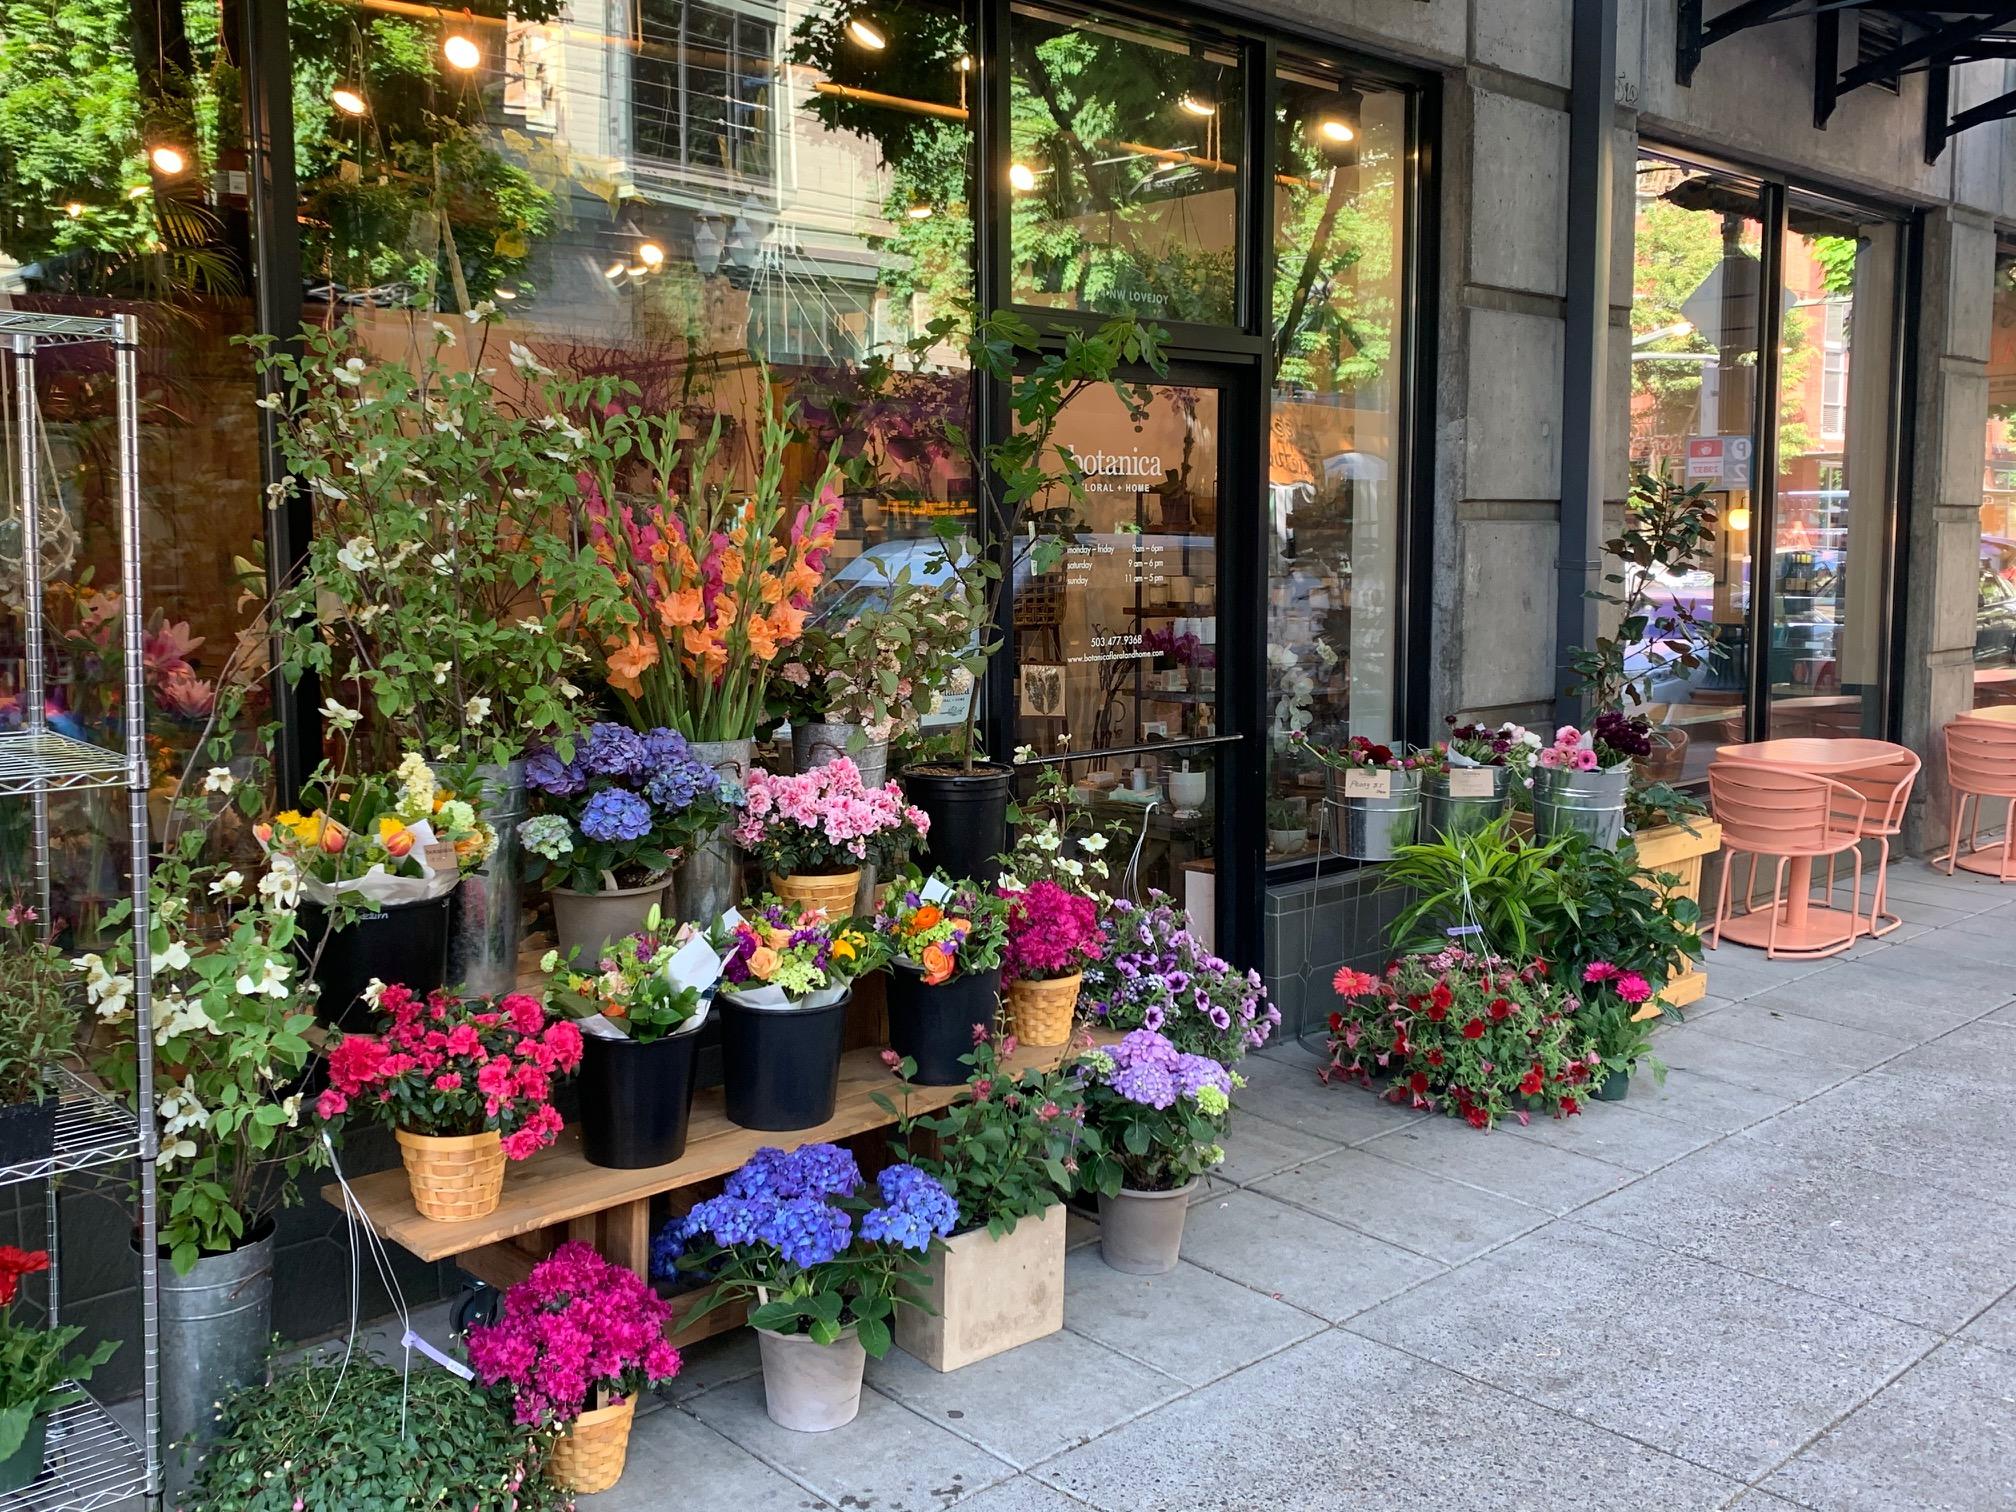 Botanica Floral Design - Wedding Floral Design in Oregon